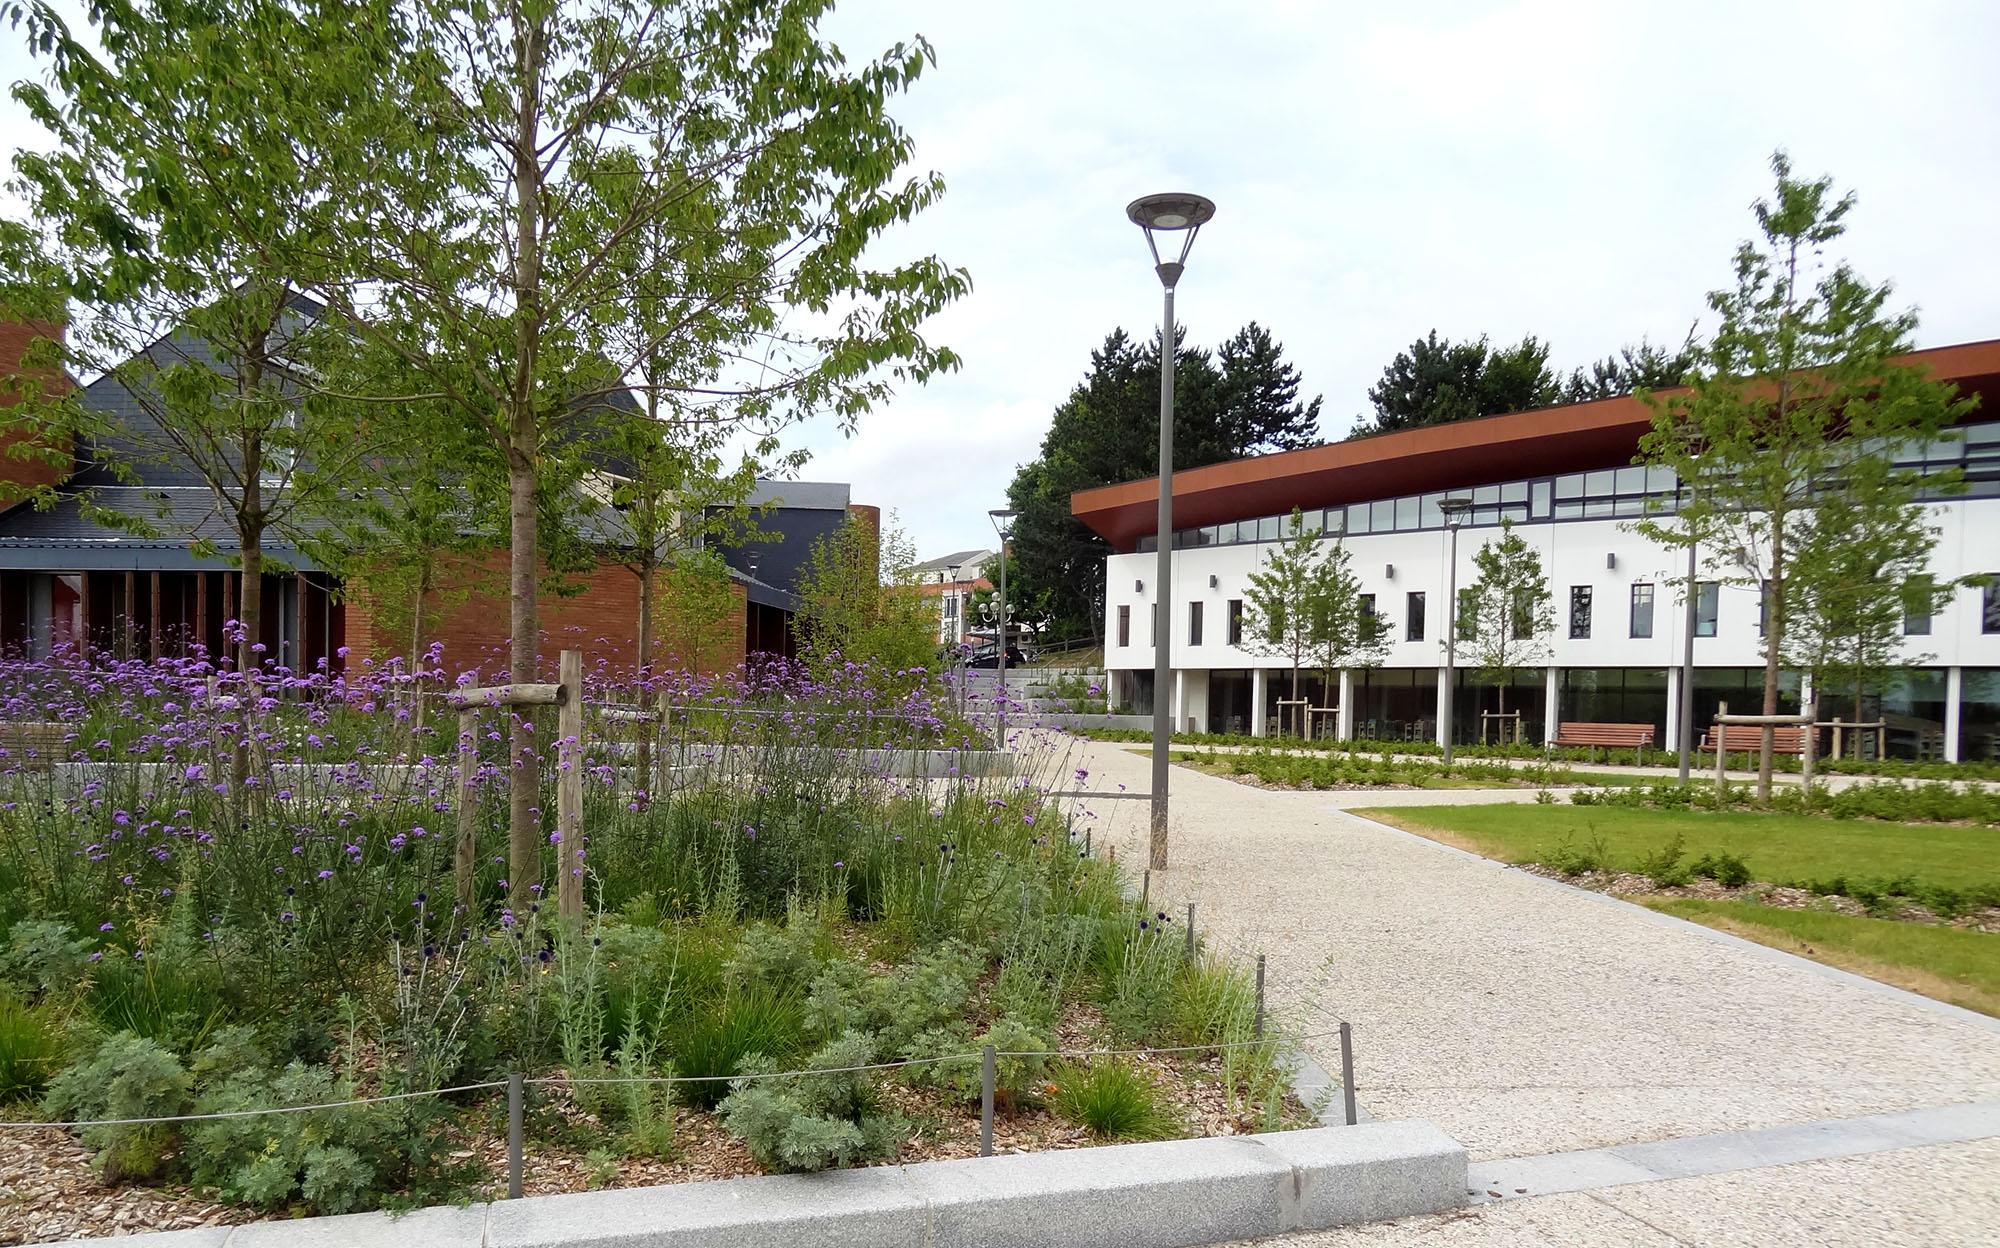 Vue sur la place jardin prenant place entre la médiathèque à droite et la mairie, à gauche